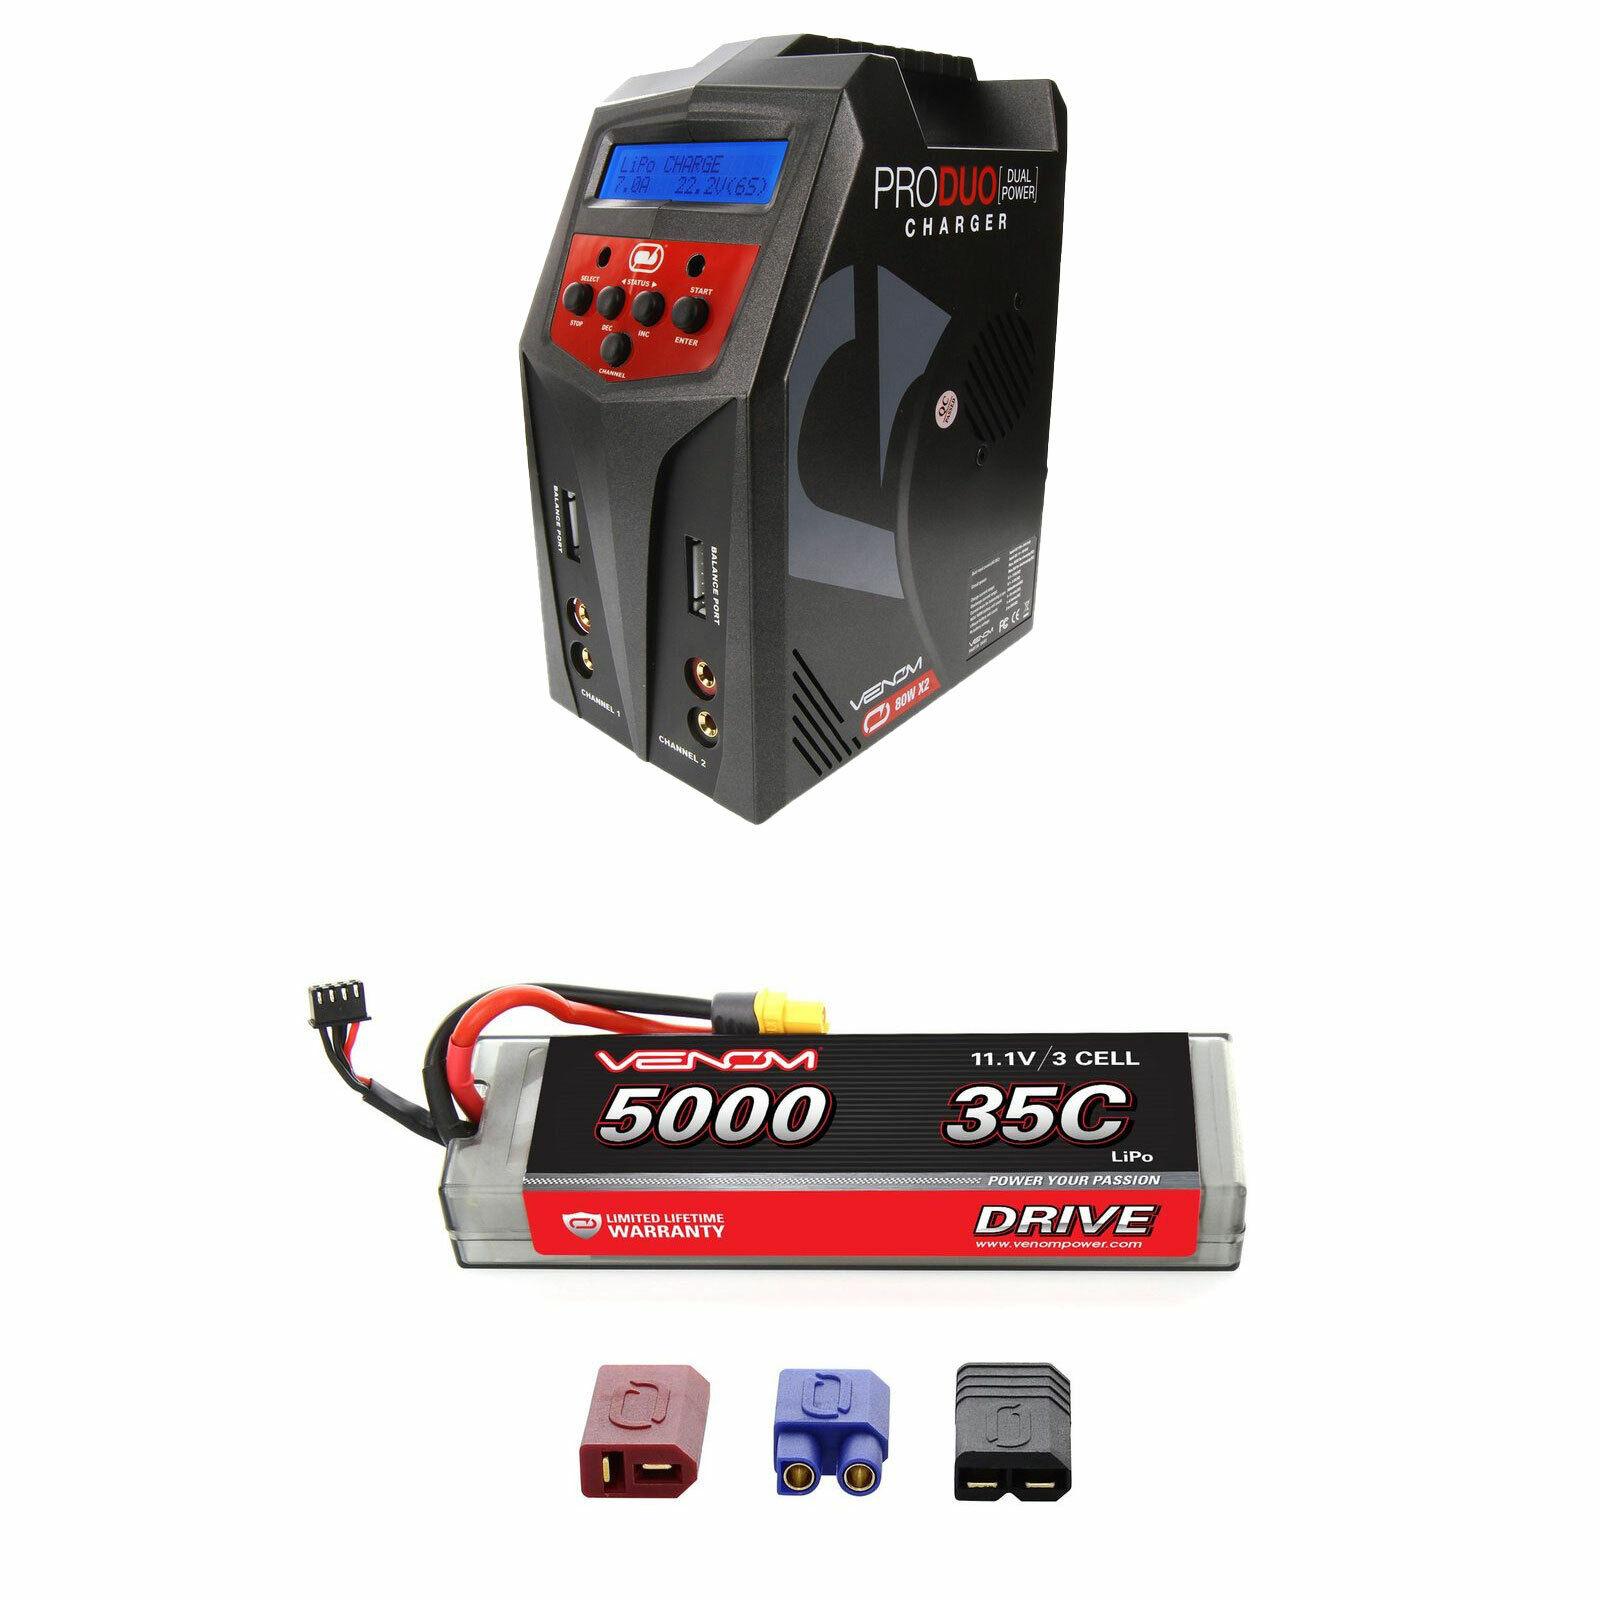 Venom 35C 3S 11.1v 5000mAh Batería LiPo Hardcase y Pro Duo Cargador Combo